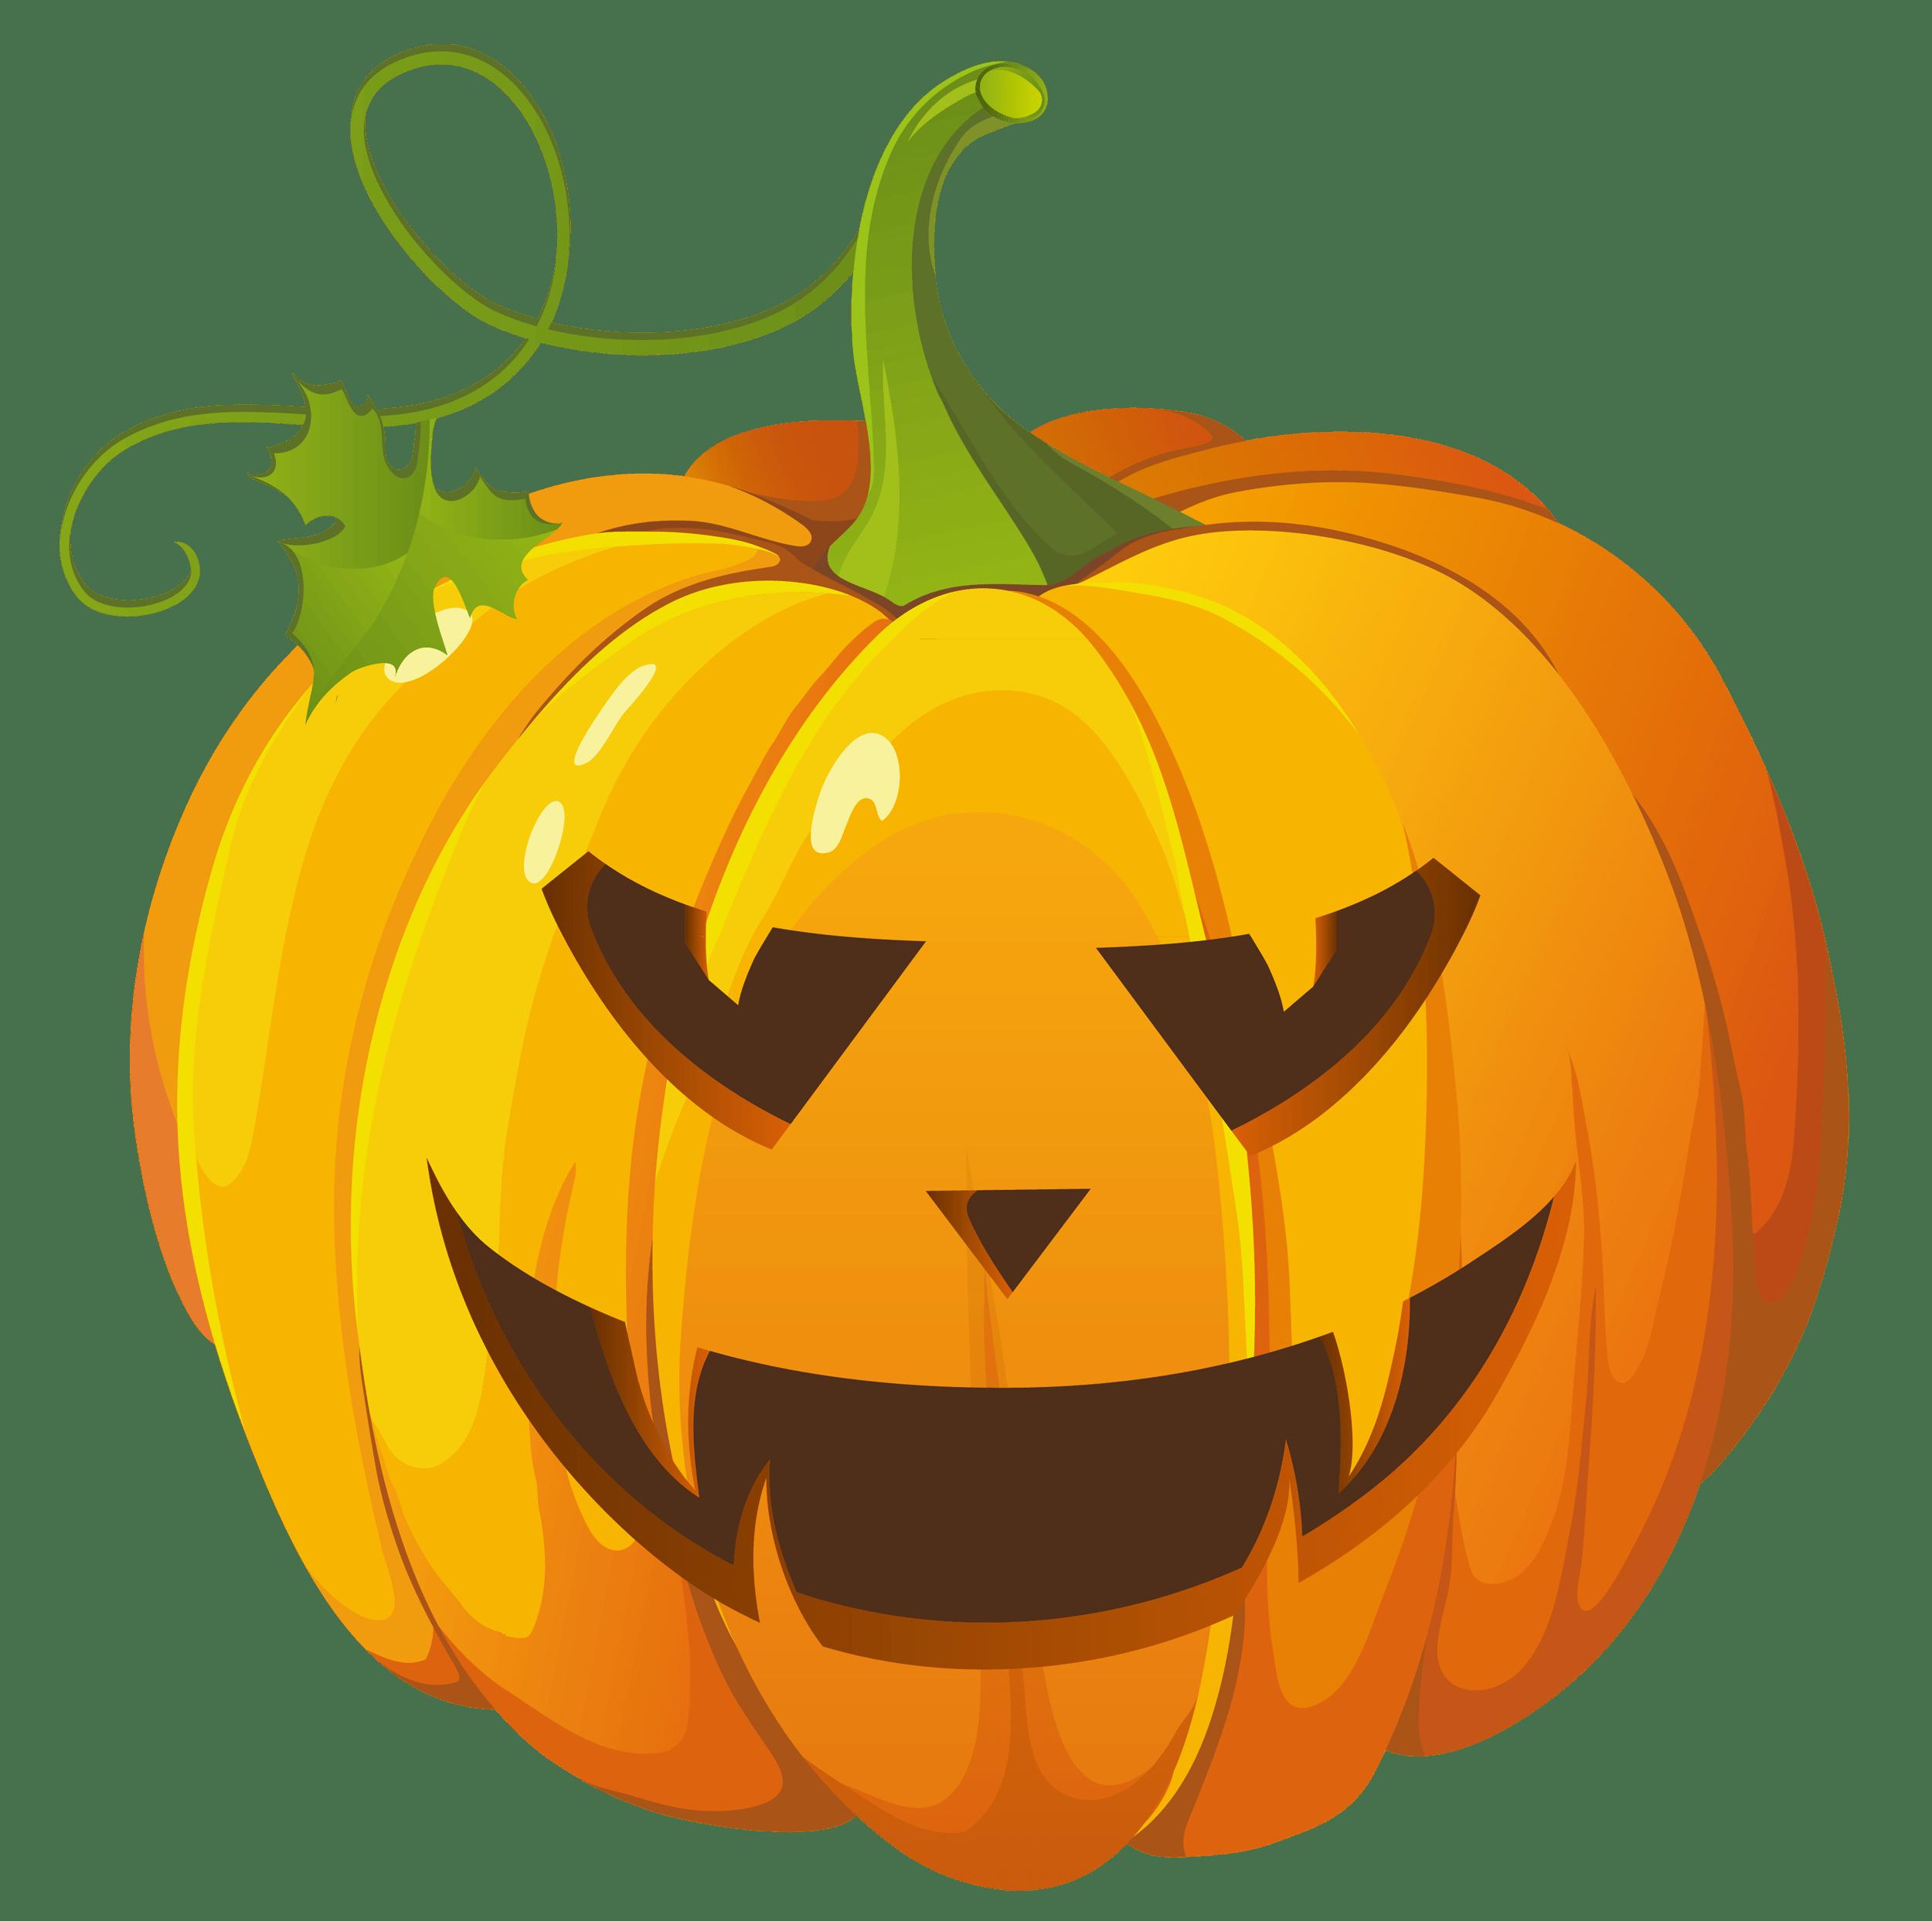 Cute cutepumpkinpatchclipartlargetransparenthalloweenpumpkinclipart. Clipart pumpkin pumpkin patch